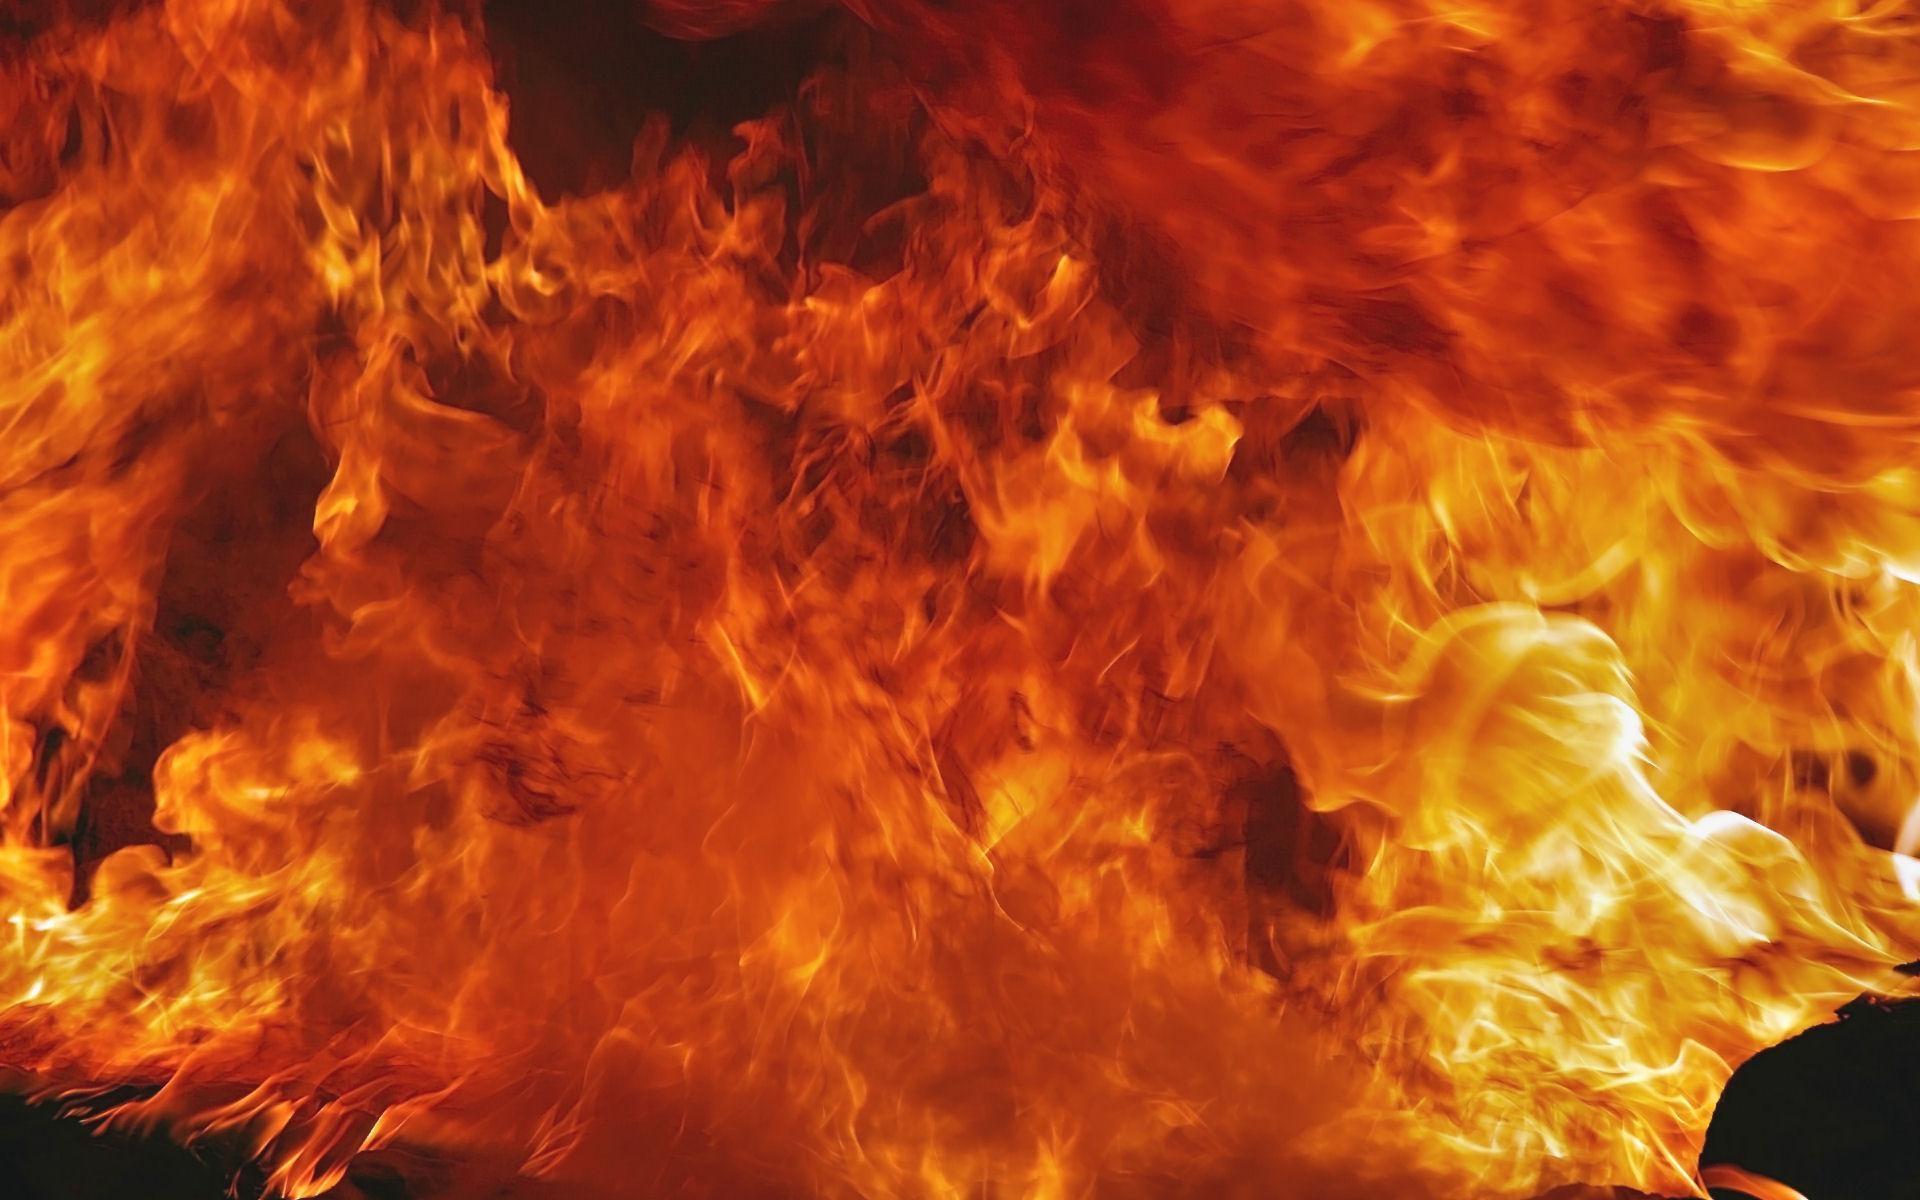 Feuer Handy Logo, Kostenlos Hintergrundbild auf Dein Handy